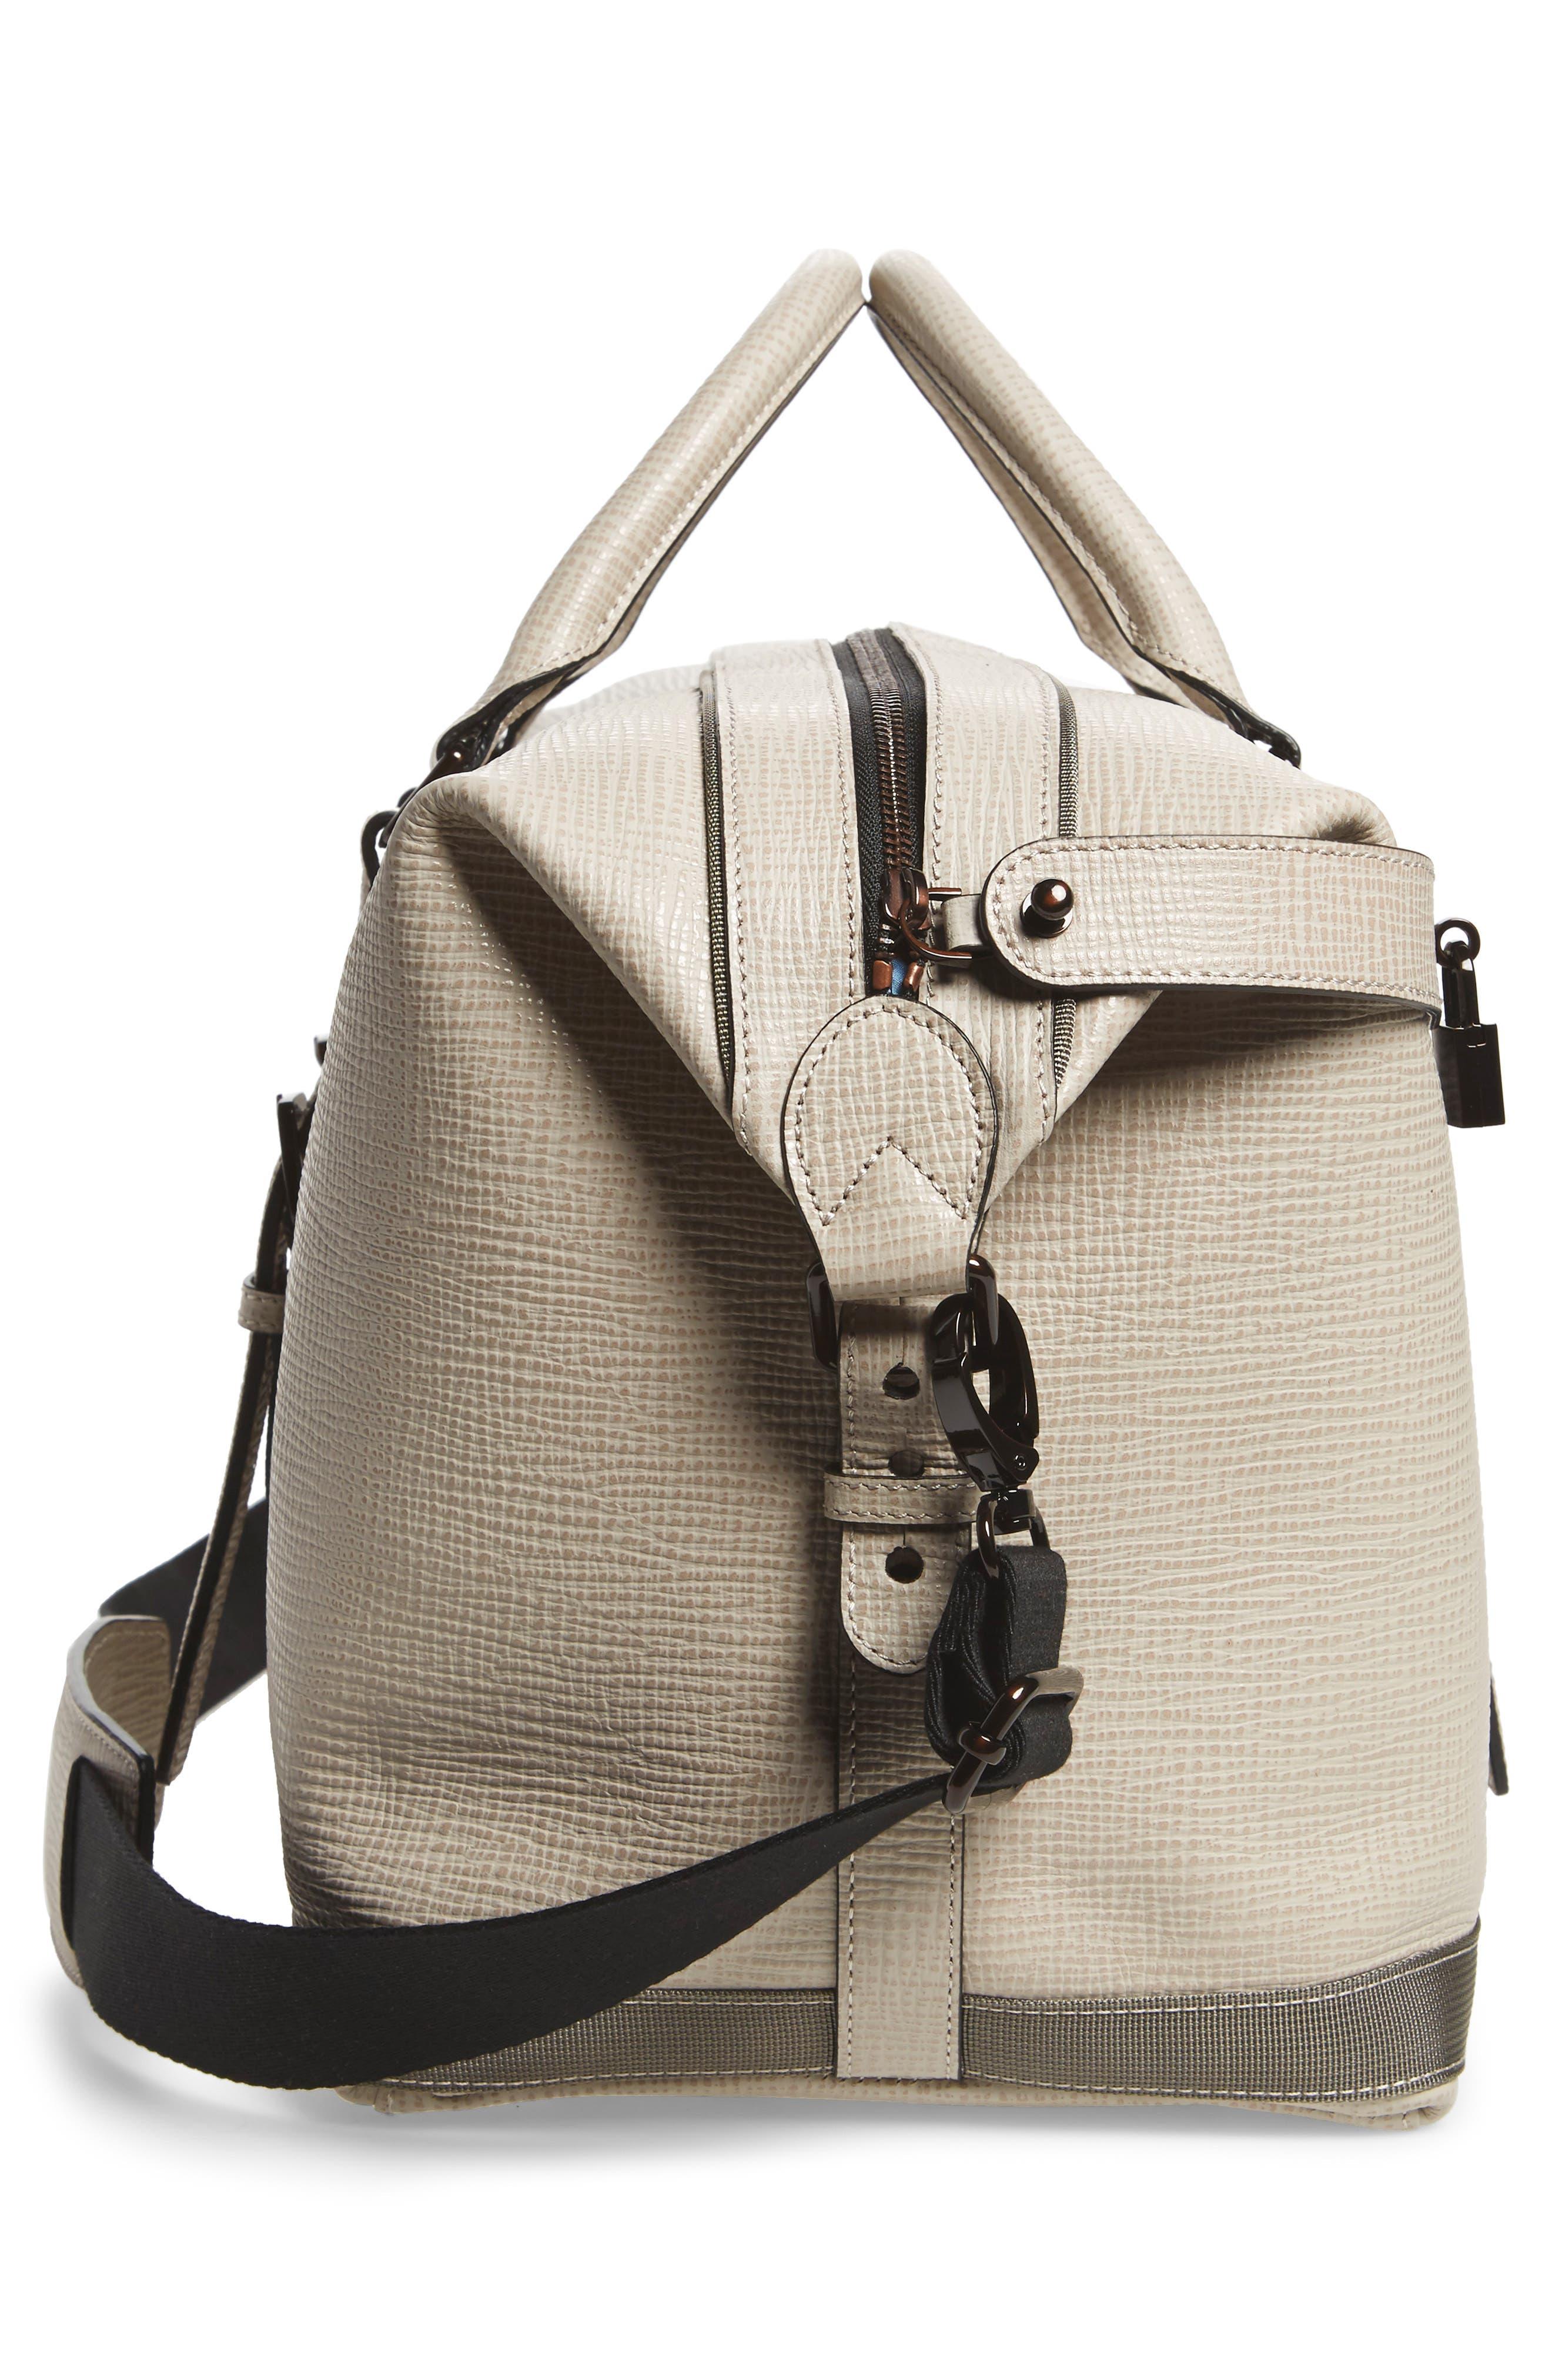 Ragmar Palmelato Holdall Duffel Bag,                             Alternate thumbnail 5, color,                             Natural